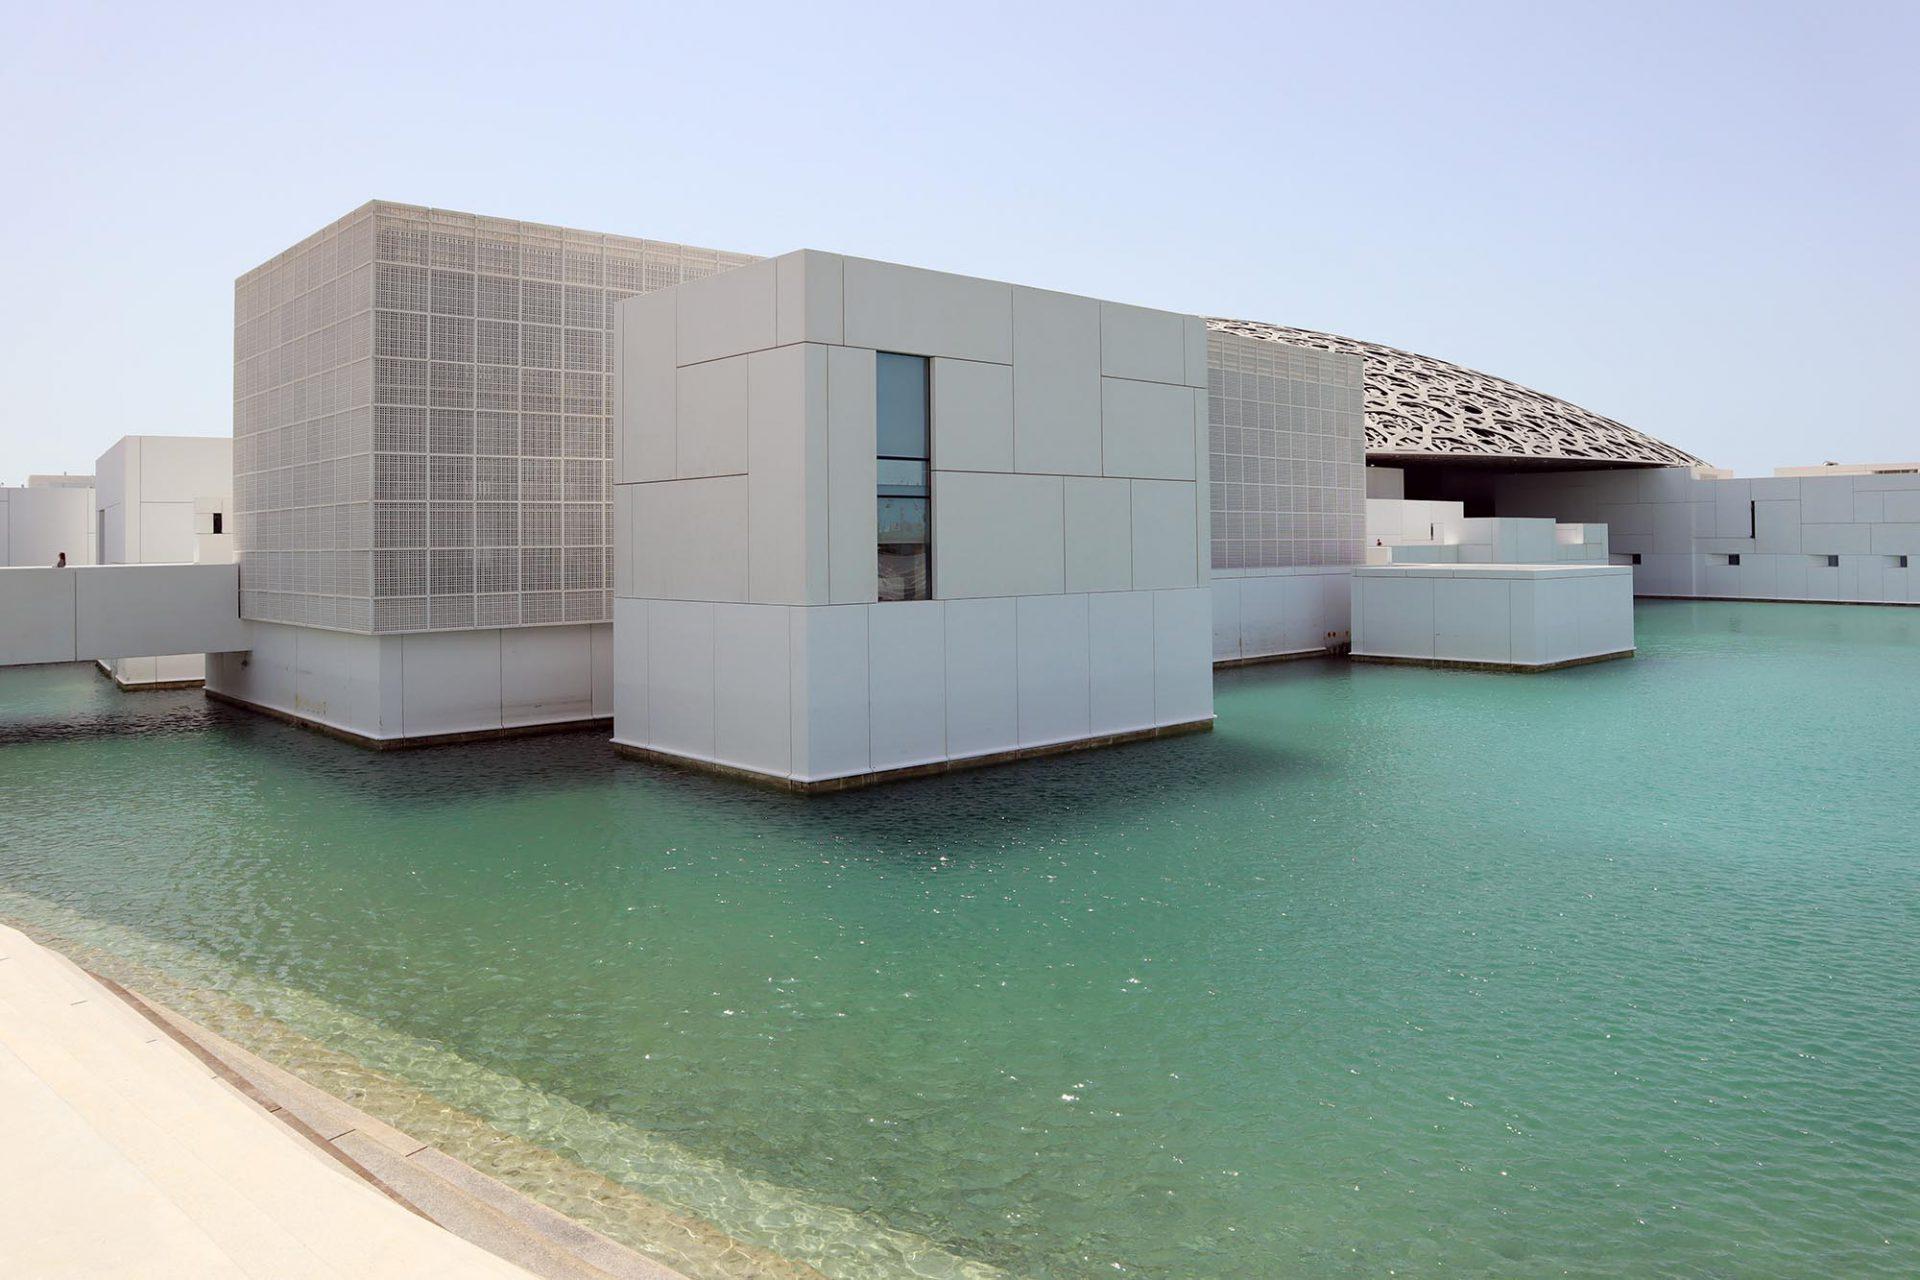 Louvre Abu Dhabi. Für die 30 Jahre geltende Nutzung der Louvre-Namensrechte zahlte Abu Dhabi 400 Millionen Euro.